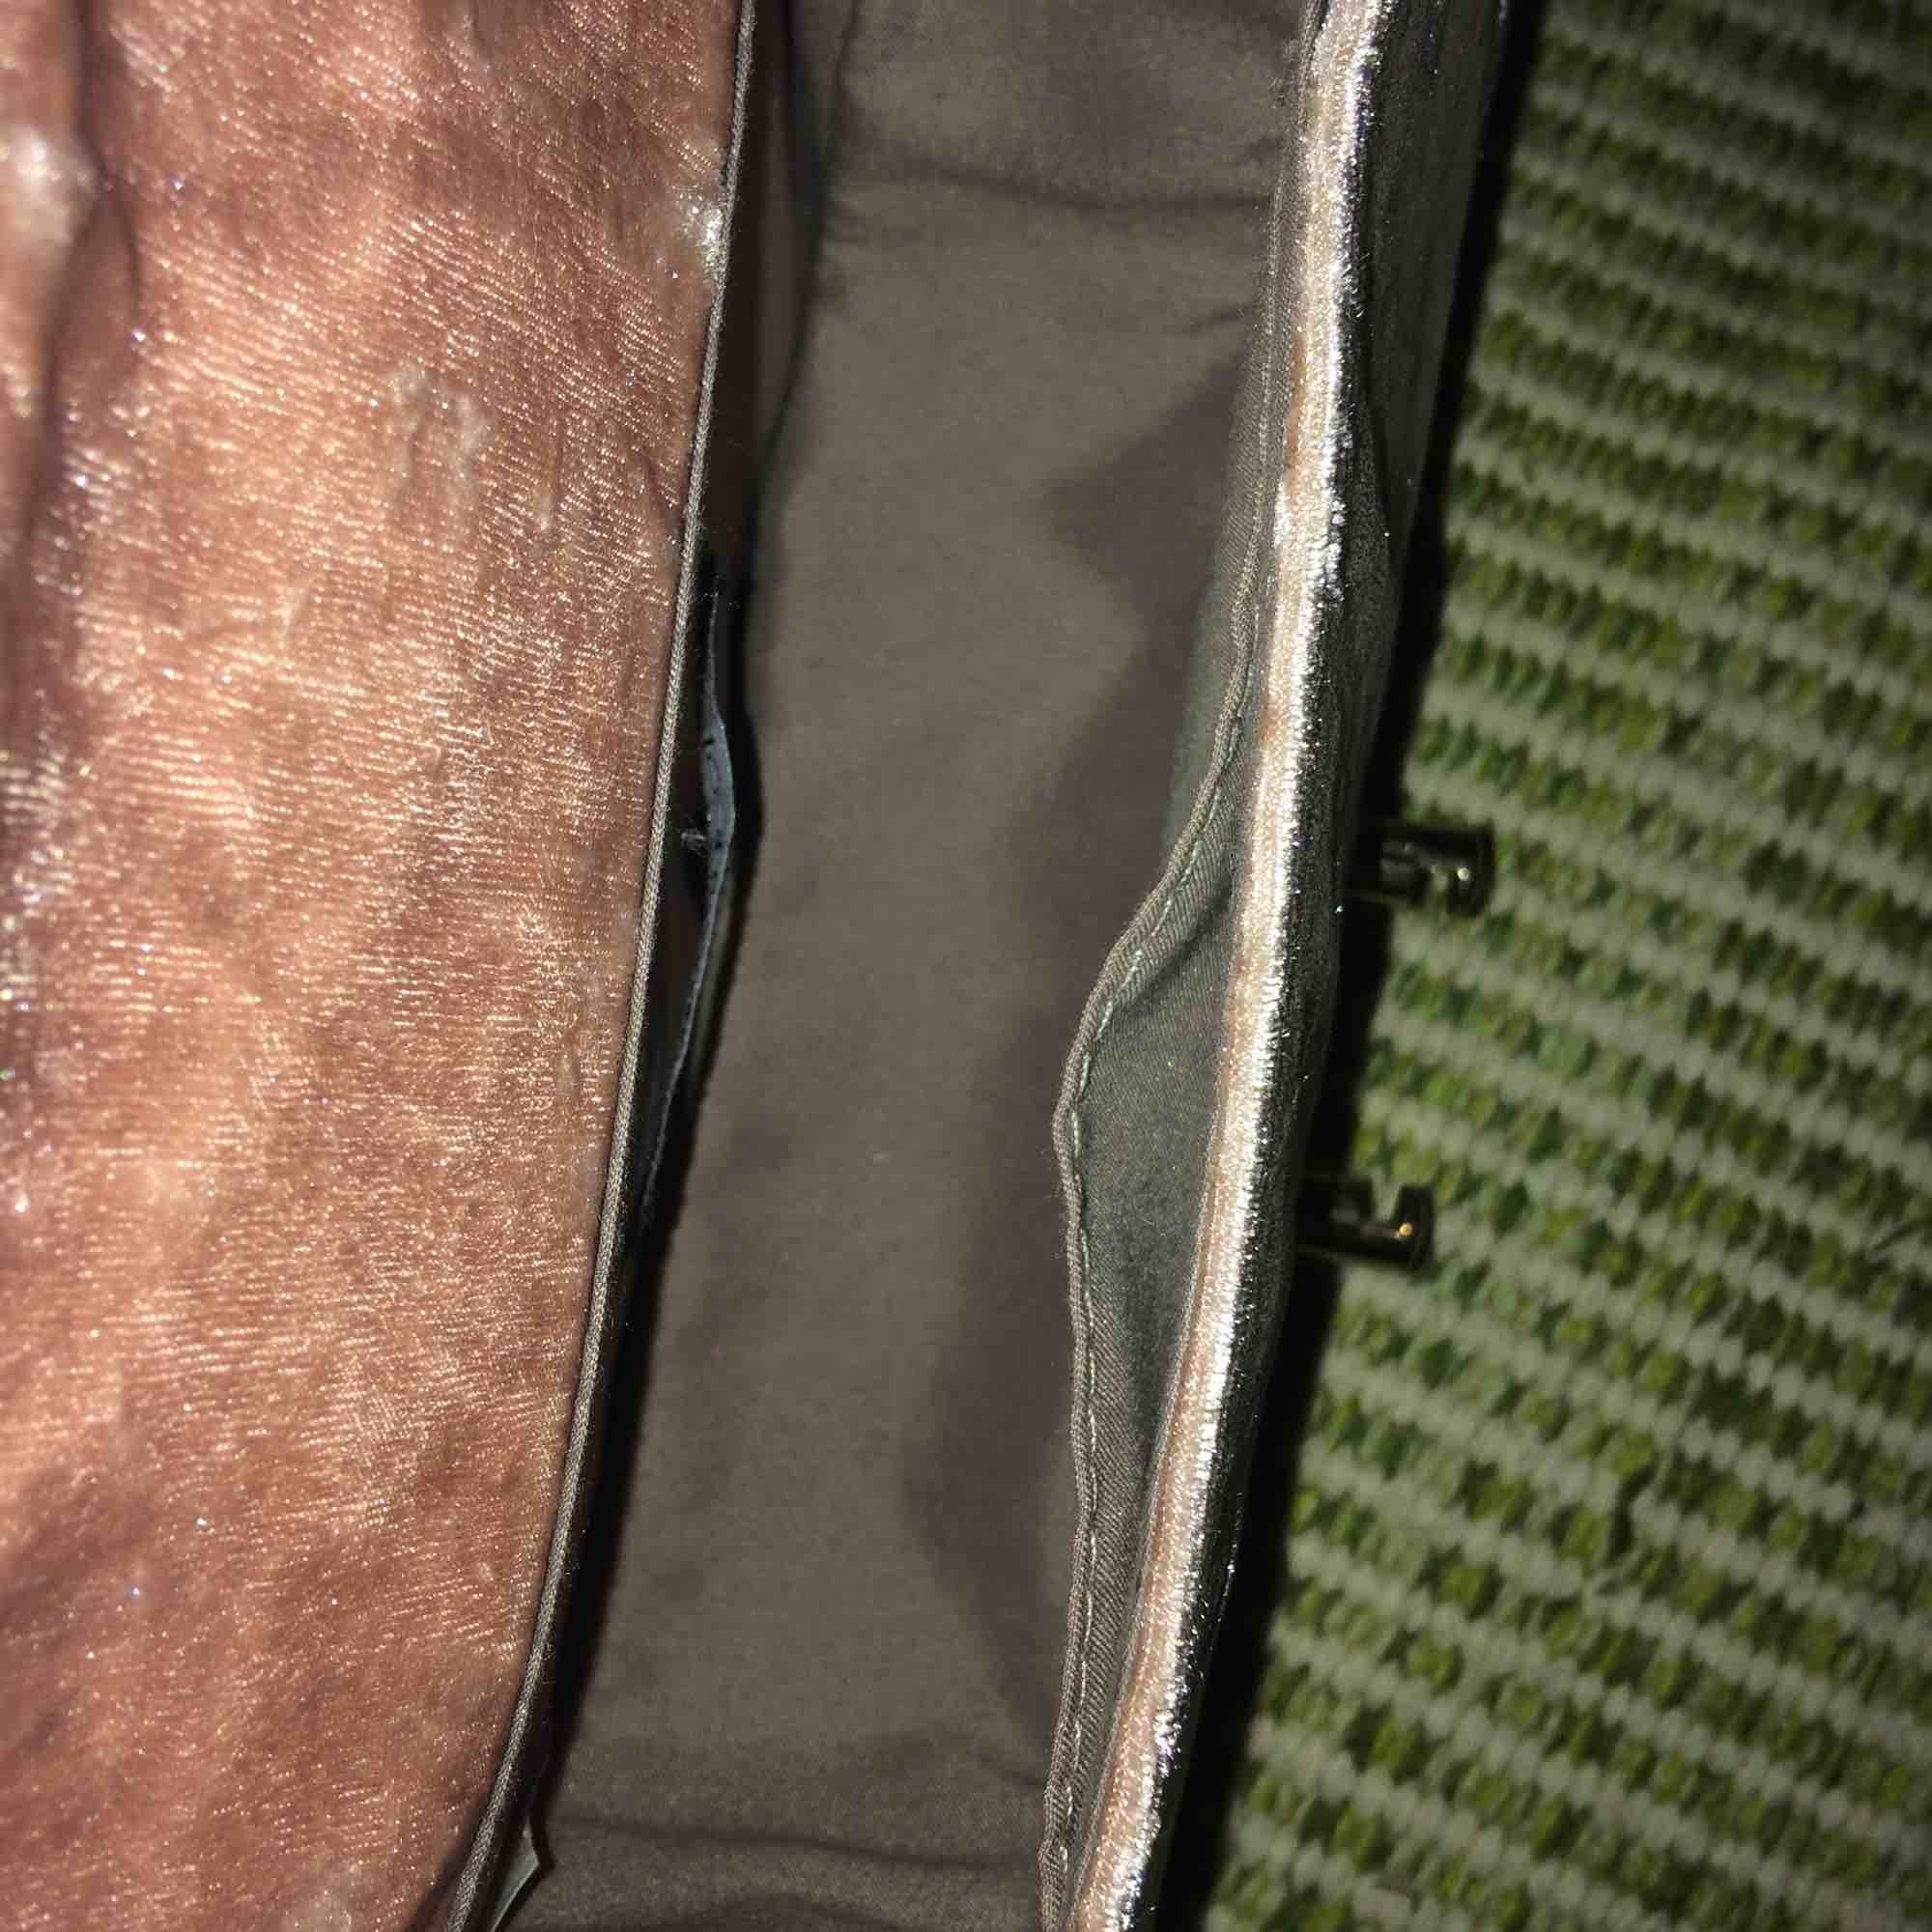 Jättefin sammetsväska med guldetaljer! Den har några fläckar på baksidan (se bild 2) och lite på ovan sidan, men man visar ju främst framsidan så det kanske inte gör så mkt! Nypris ca 399-499. . Väskor.